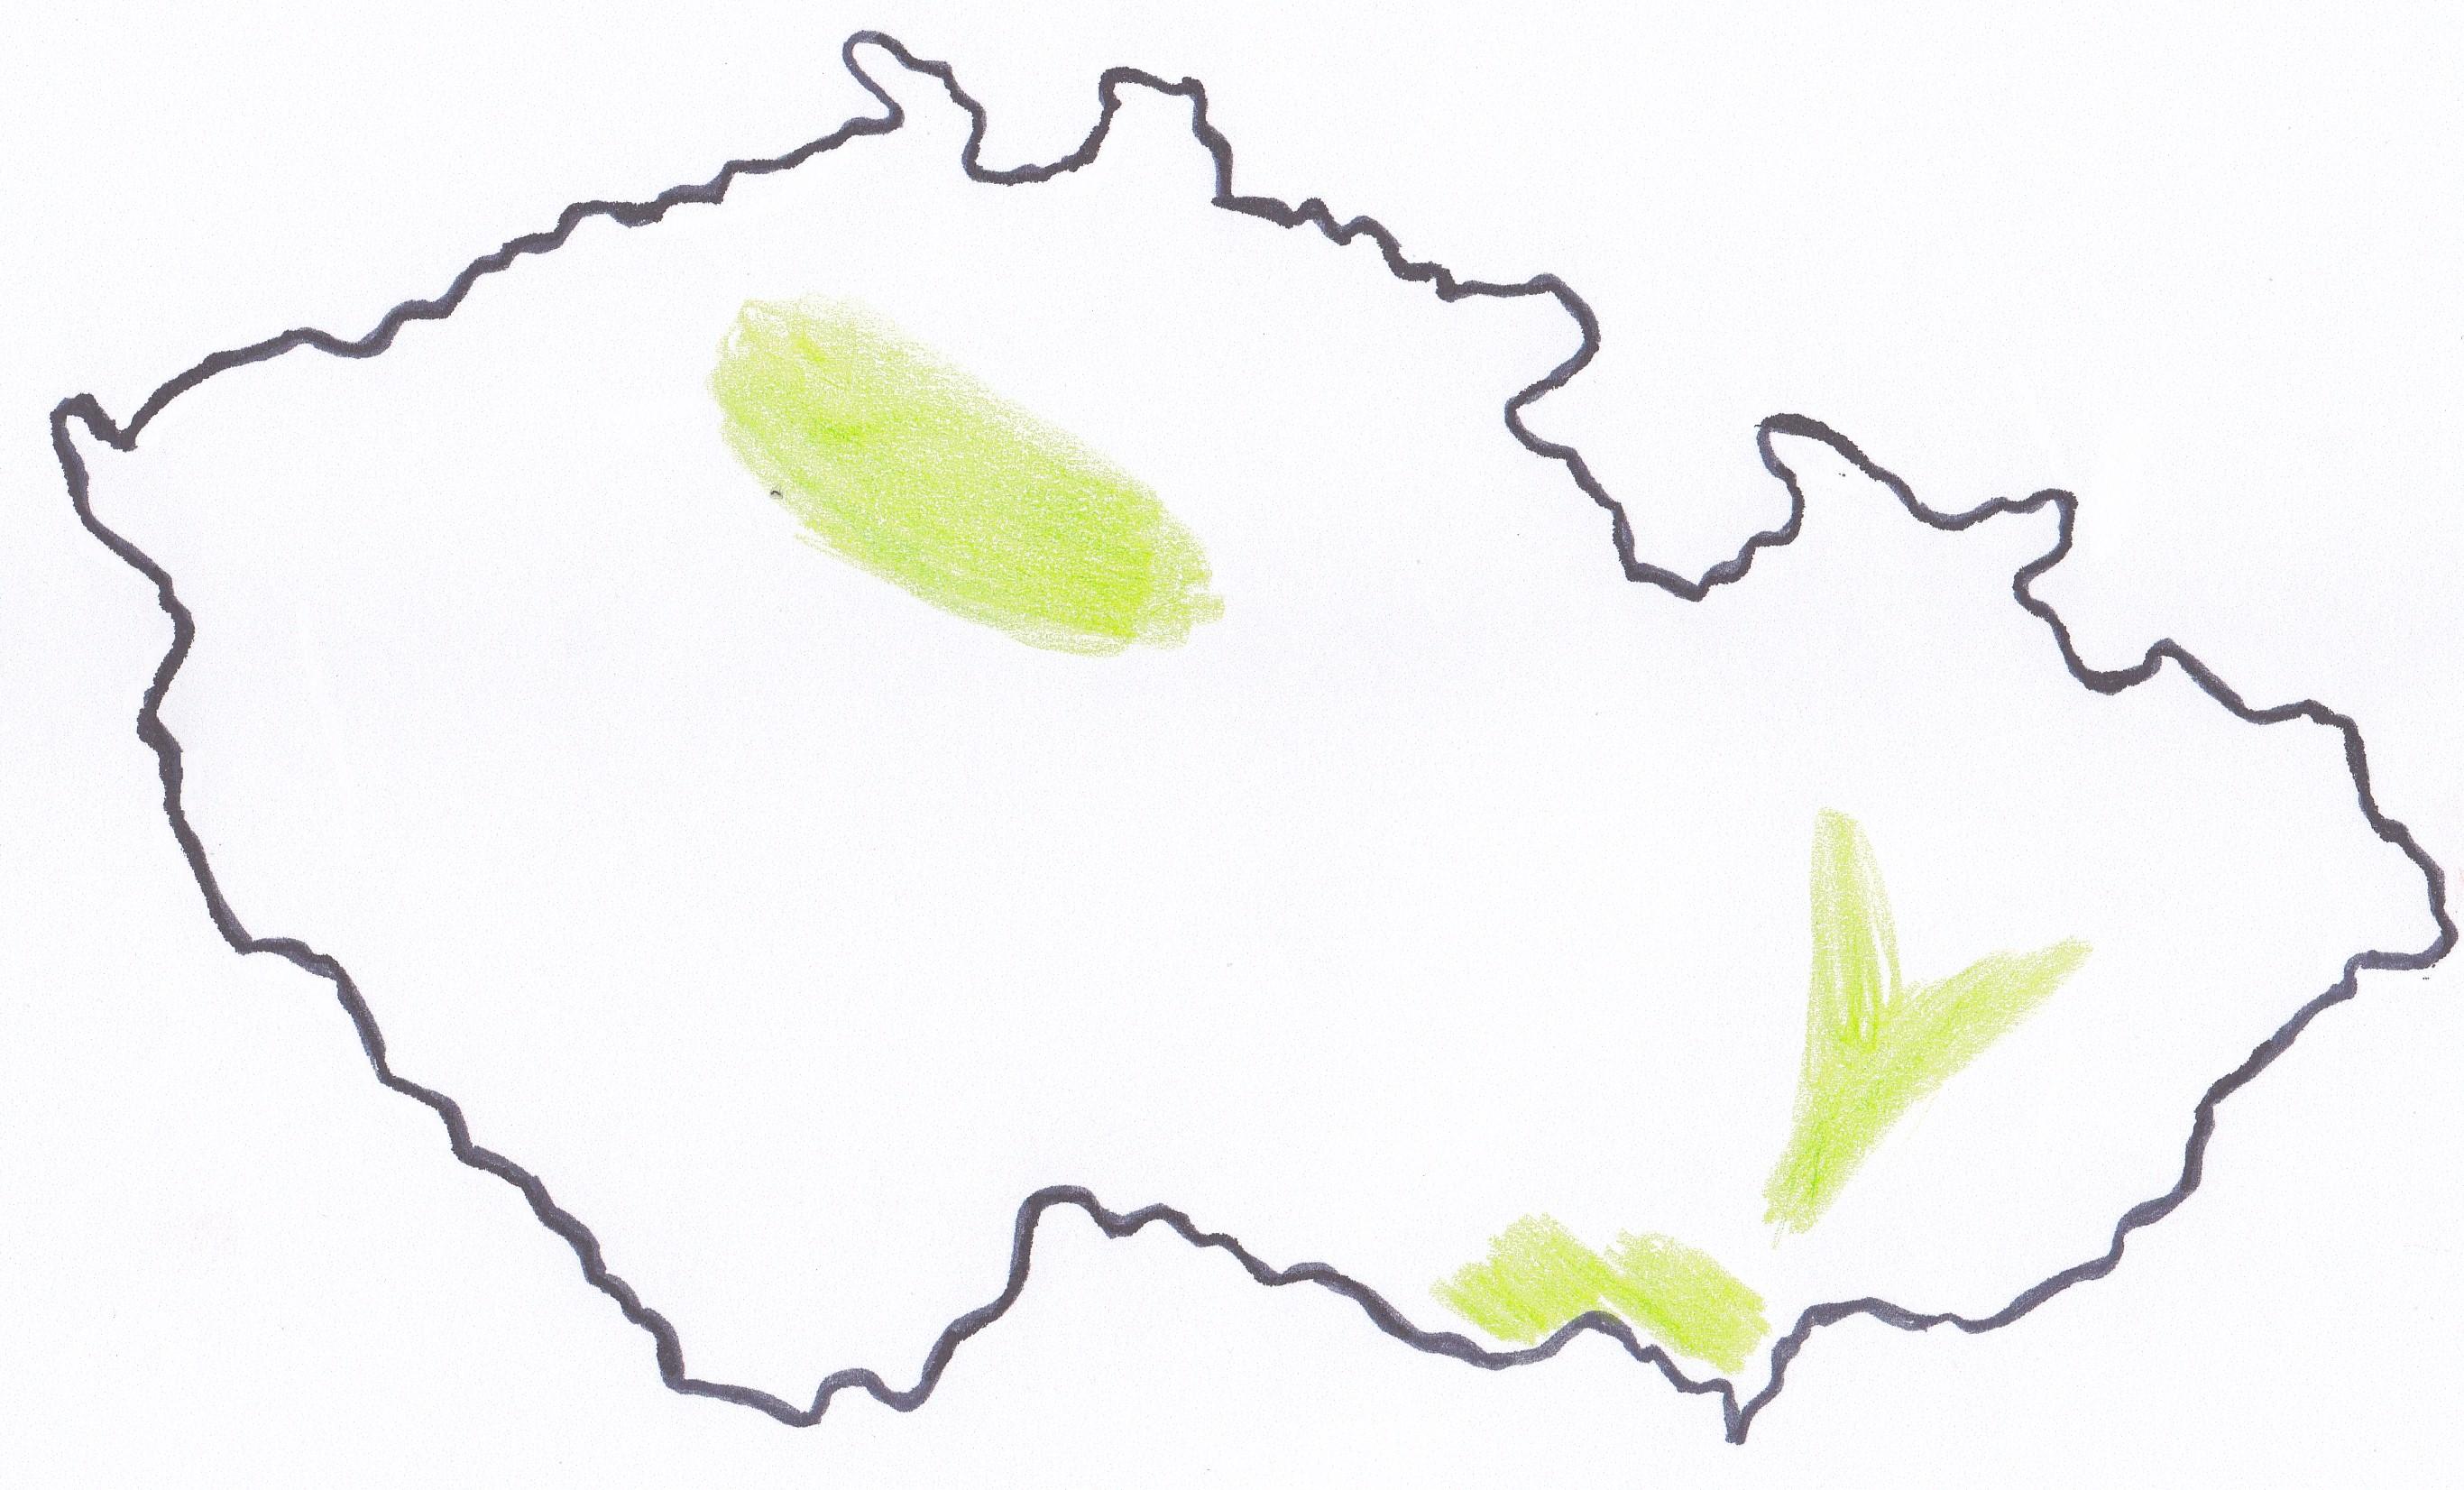 mapa cr niziny